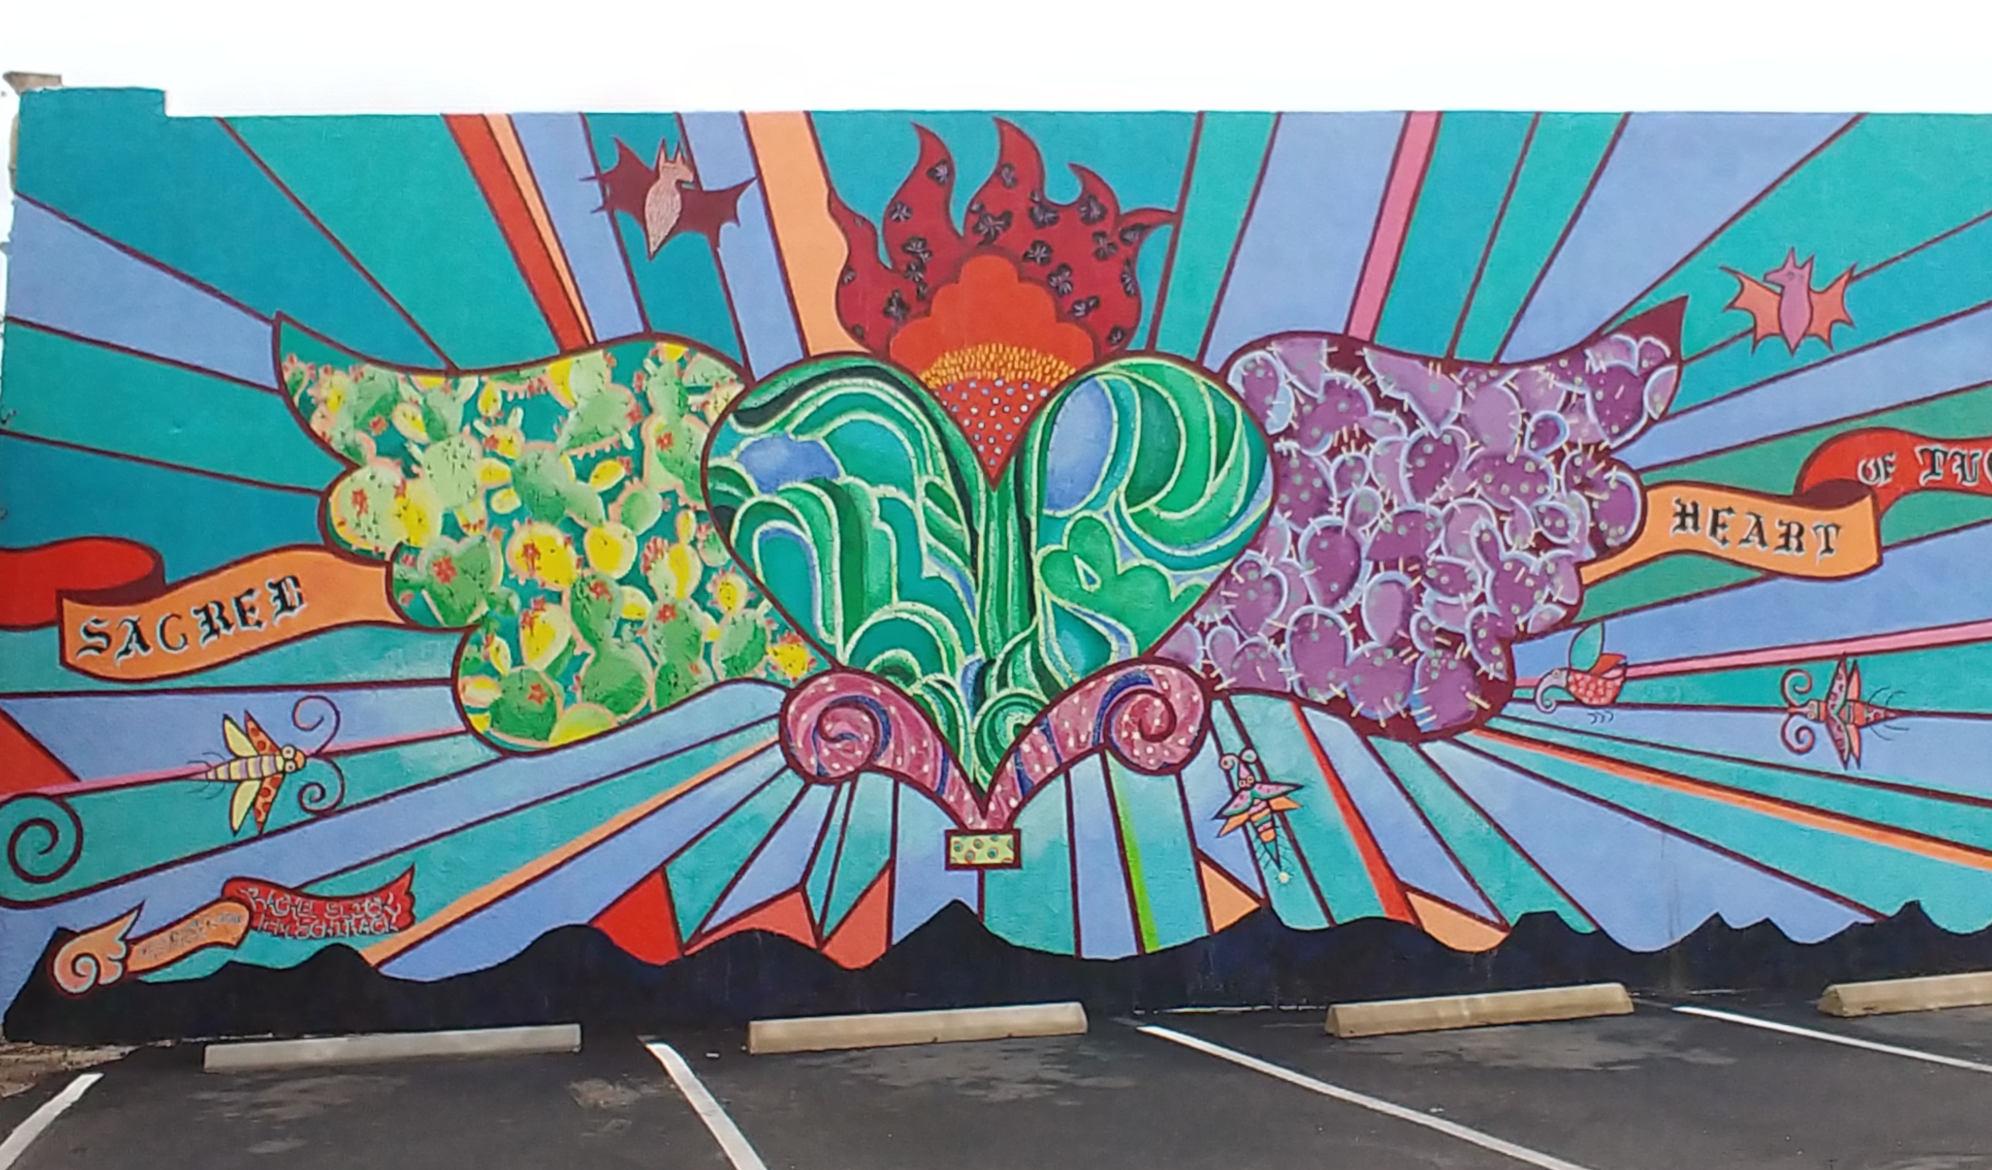 Mural Sacred Heart of Tucson